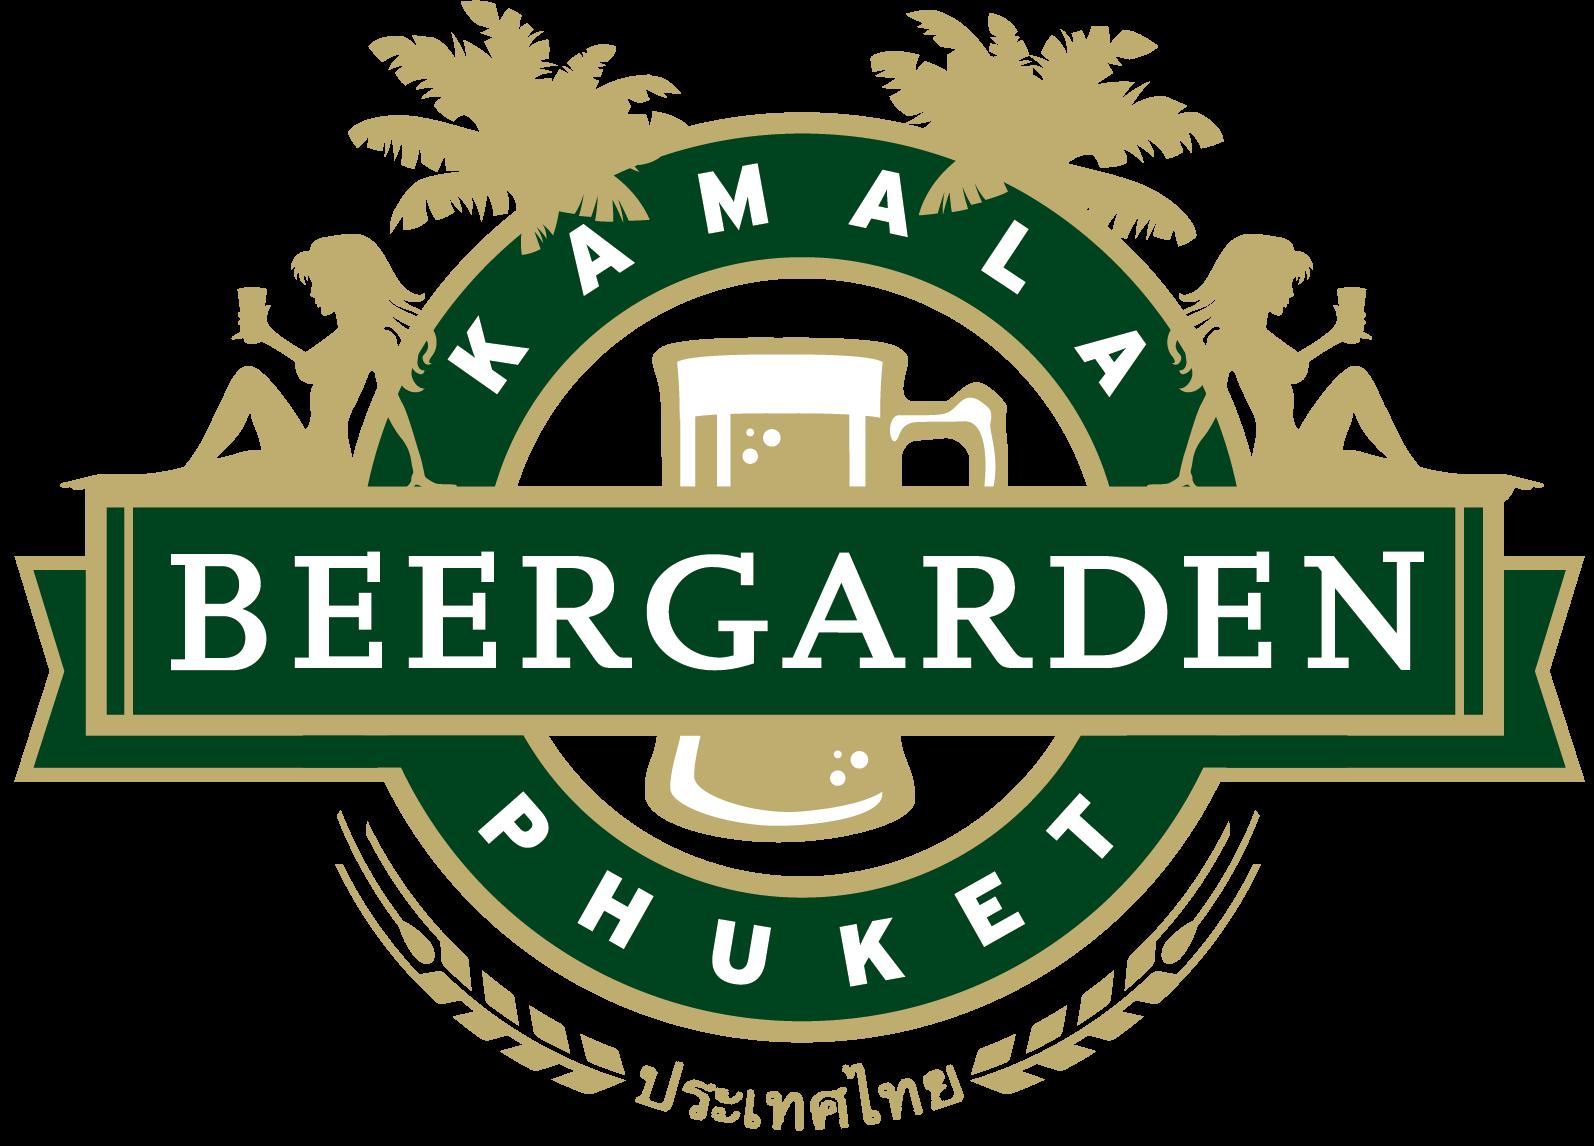 Kamala Beergarden